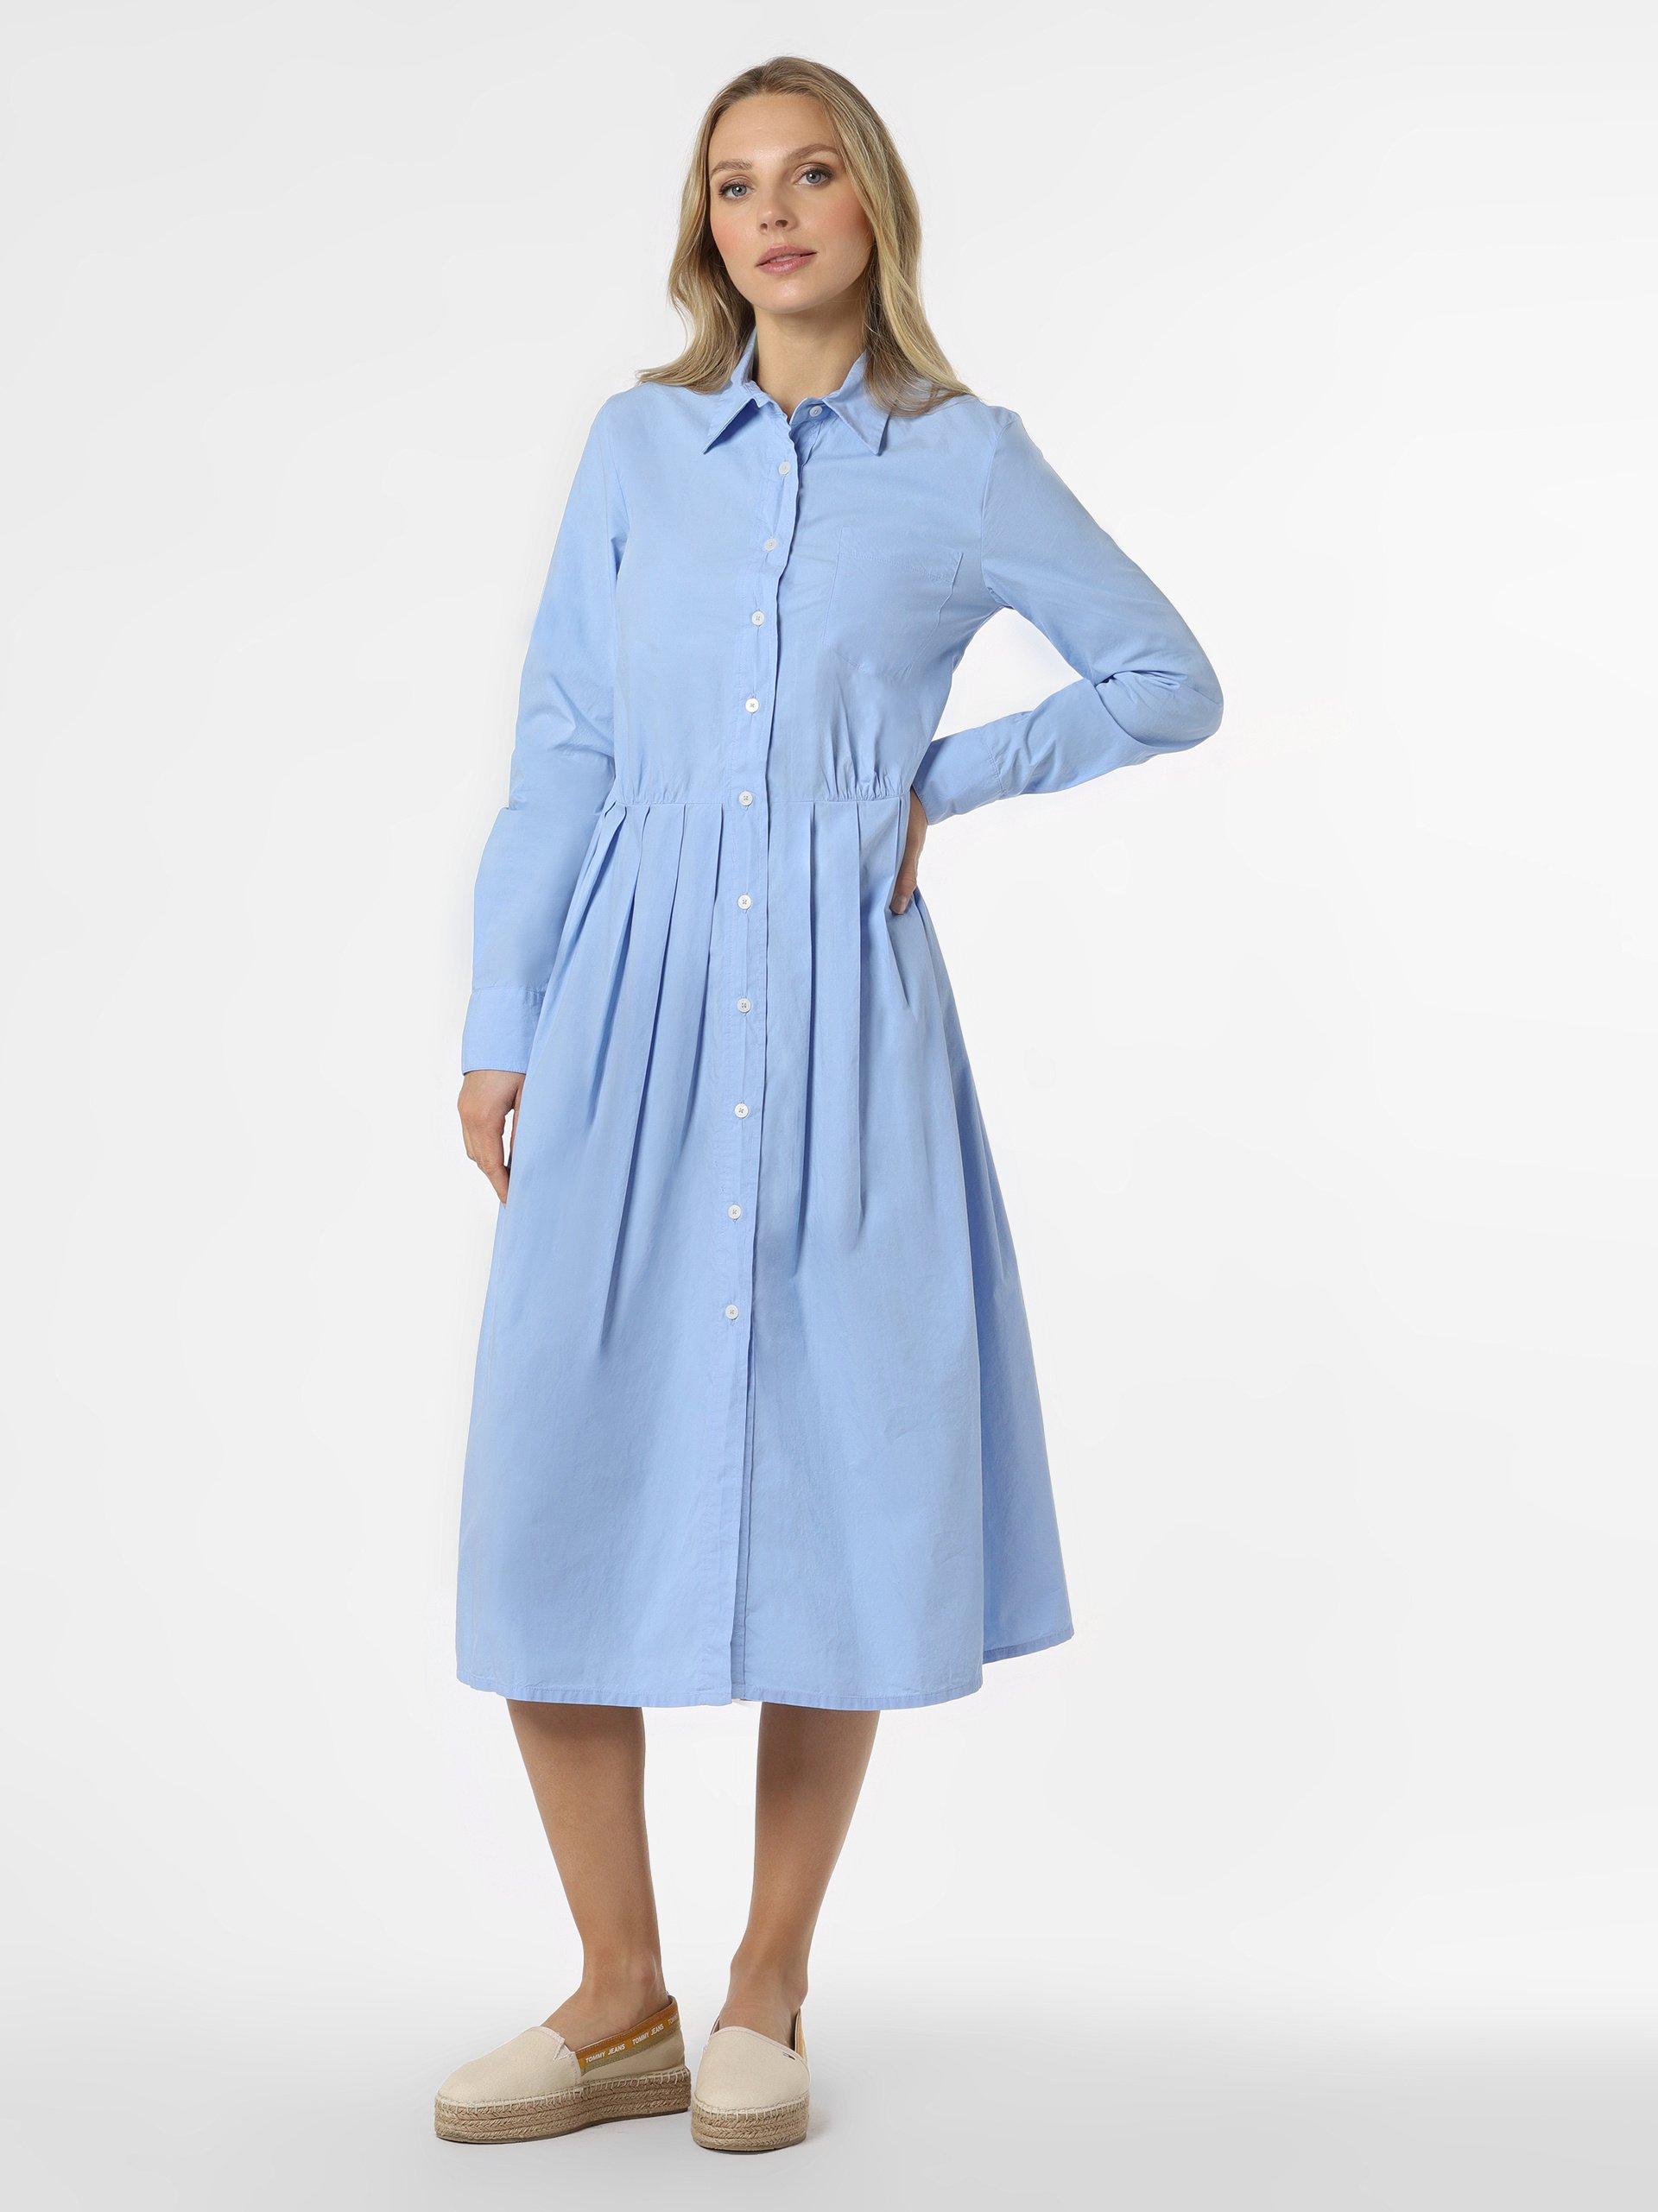 0039 italy damen kleid  cayenne online kaufen  vangraaf